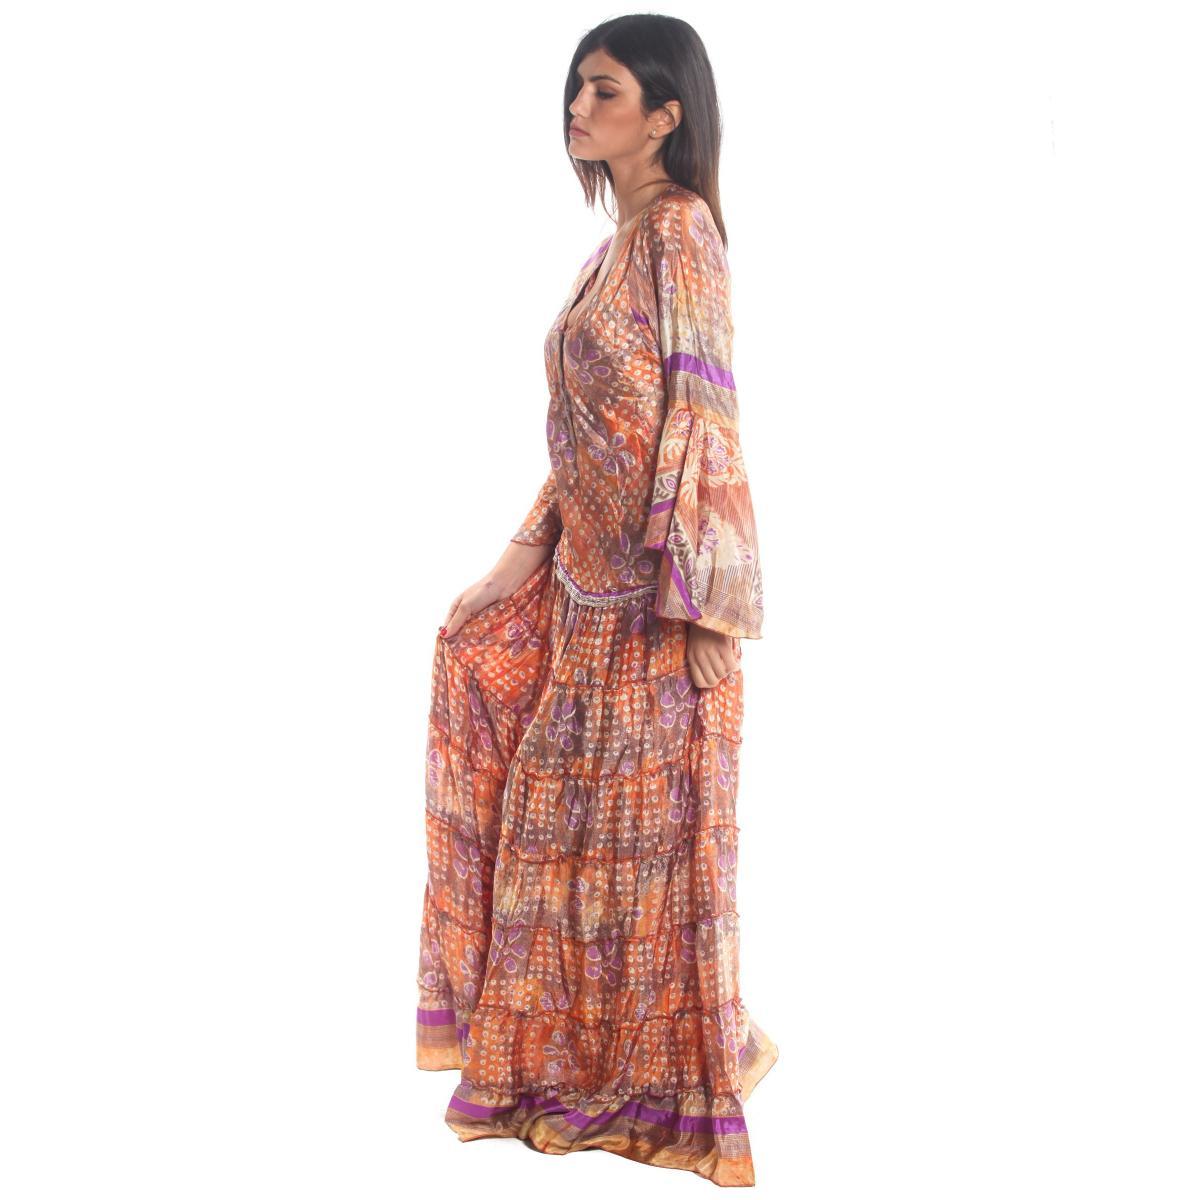 Vestito Abito Moda Ibiza a fantasia multicolore manica lunga da donna rif. PW504